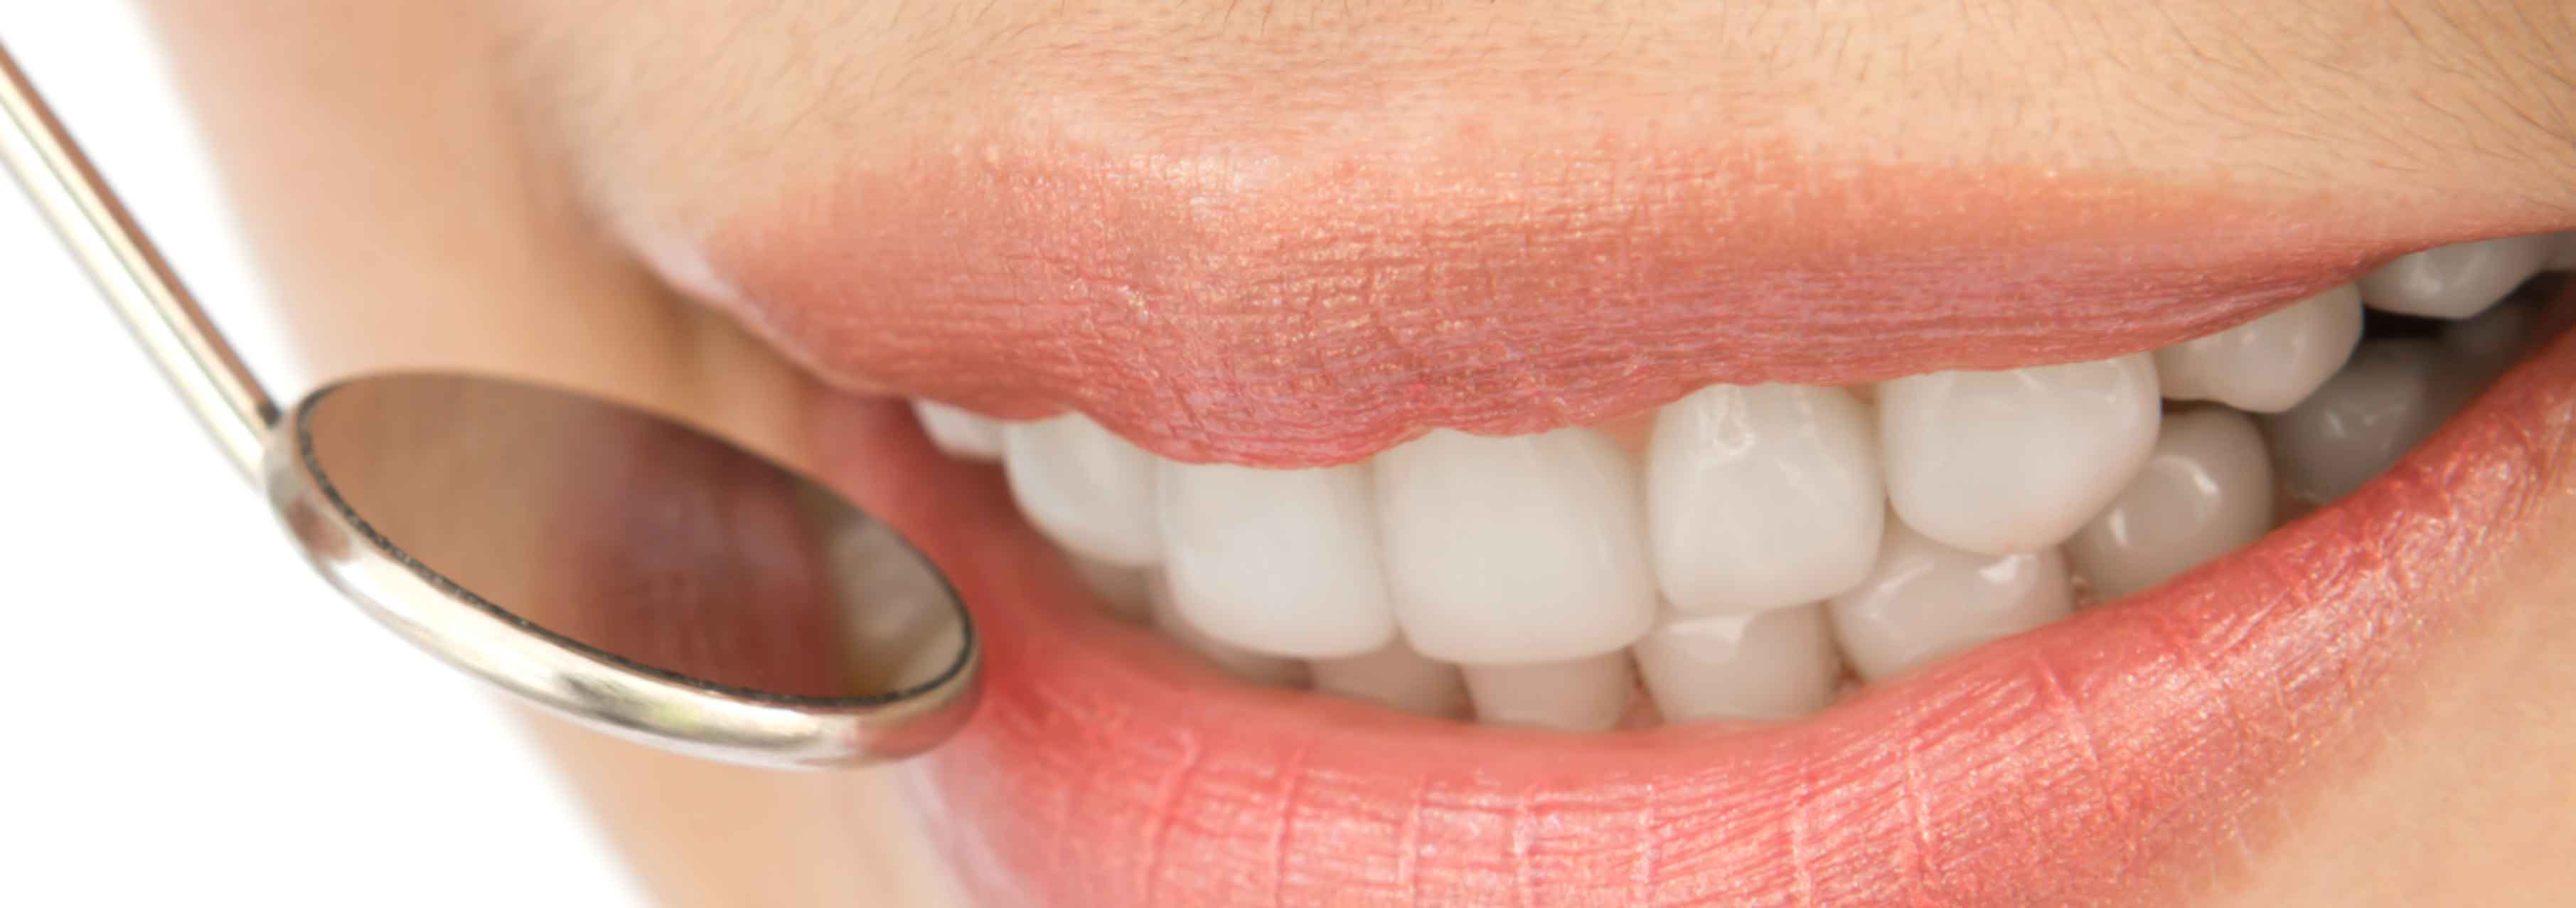 Bouche: grosseur anormale des lèvres